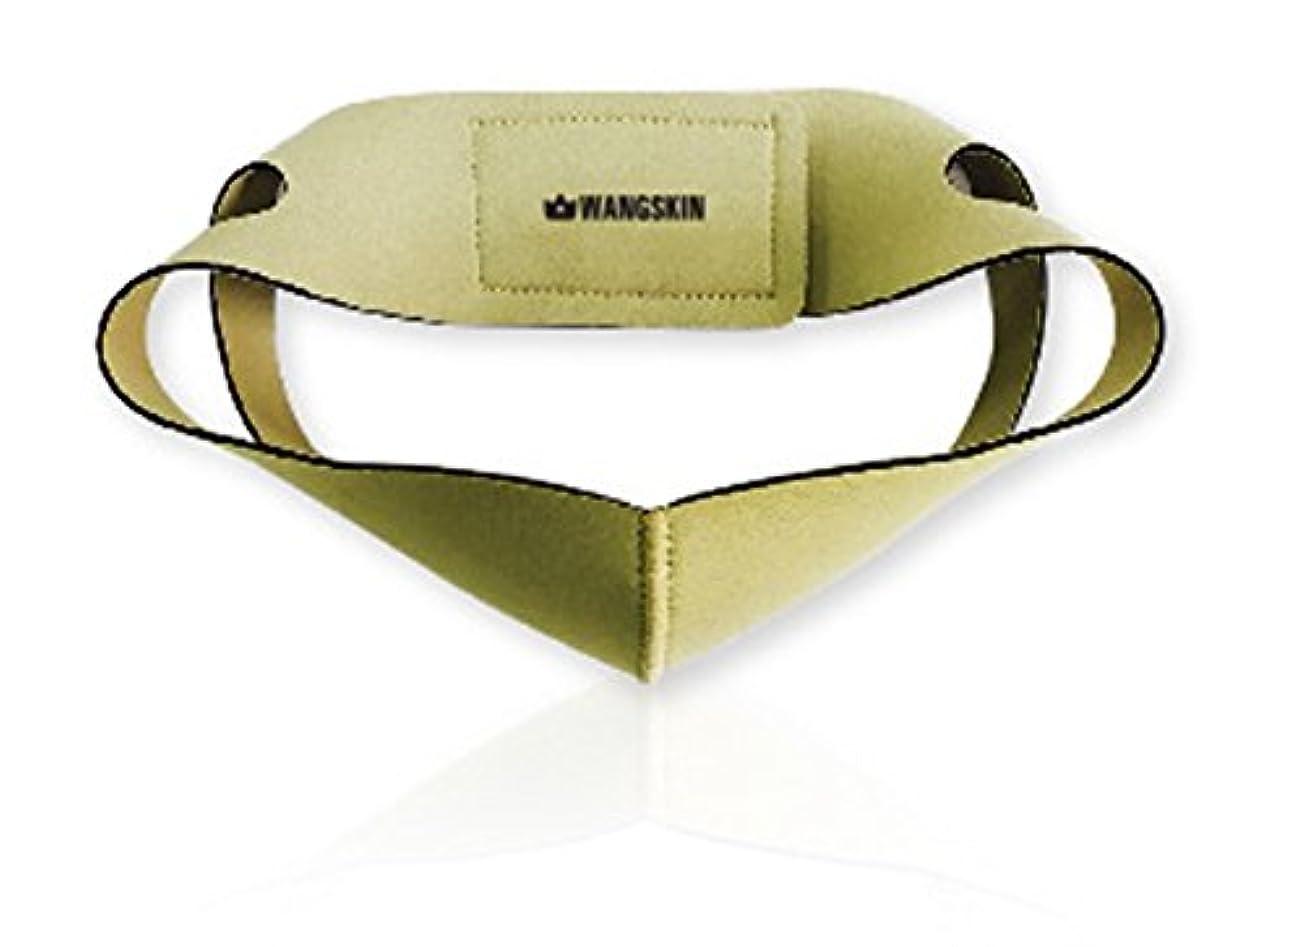 暫定の誤って釈義WANSKIN Face V-line リフティングバンド バイオネオプレンシ ワ改善 弾力 ISO9001認証 海外直送品 (Face V-line Lifting Band Bio NeoFran Wrinkle Elasticity...